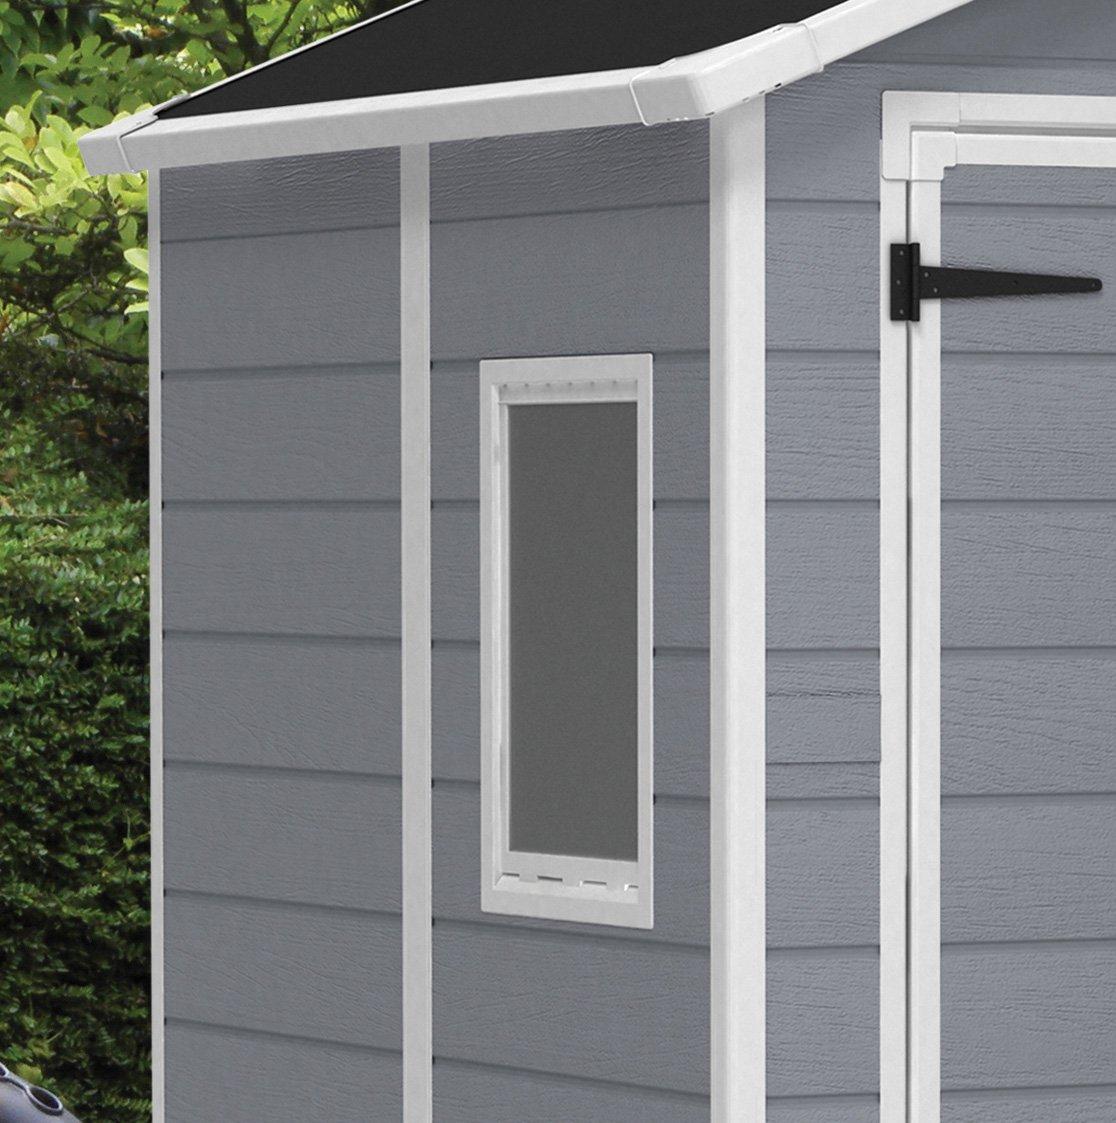 Keter - Caseta de jardín exterior Manor 6x8 DD, Color gris: Amazon.es: Jardín